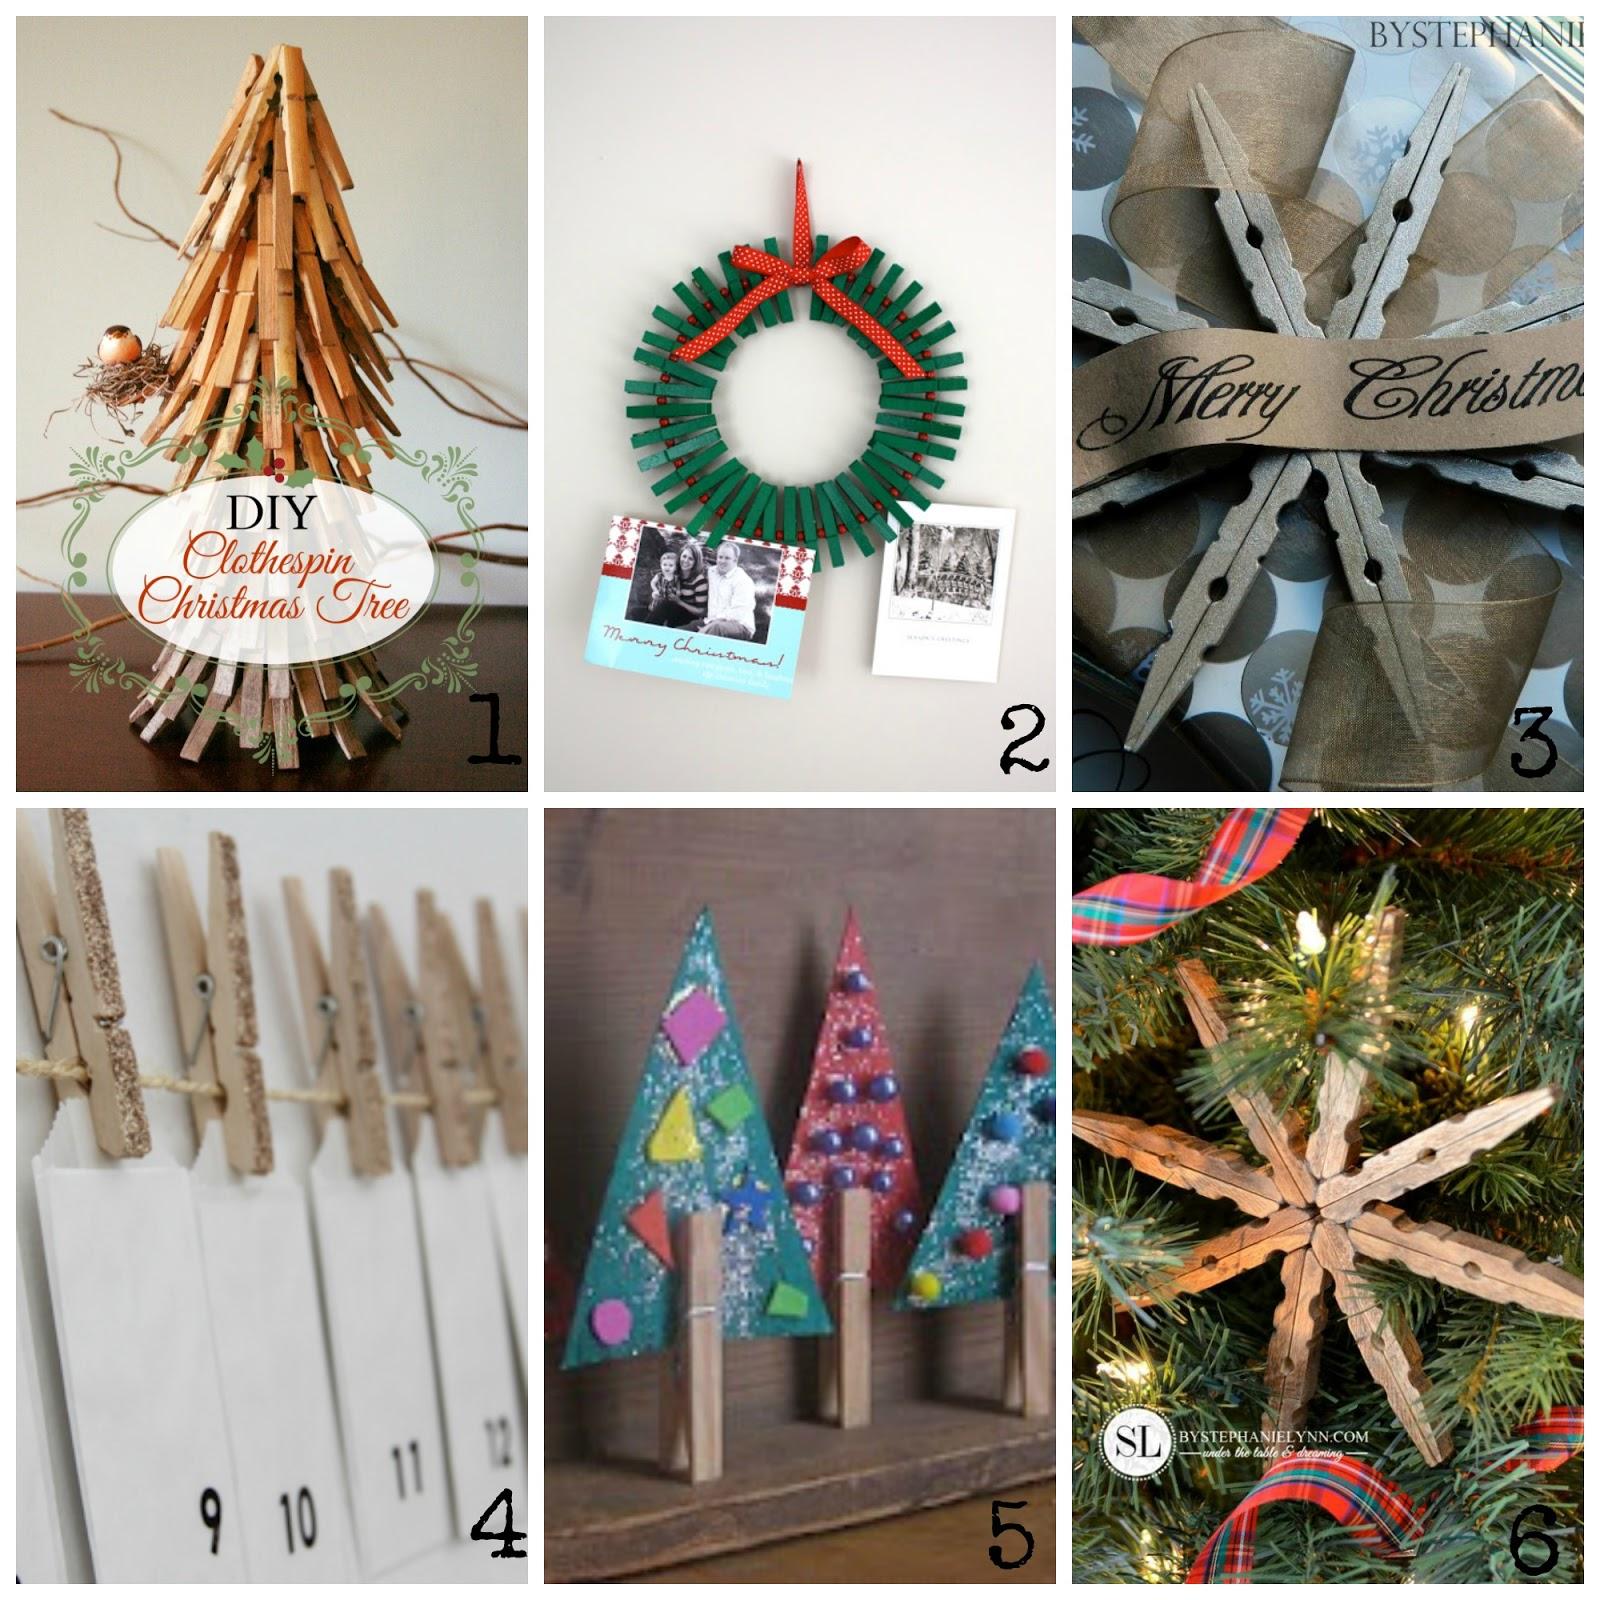 Decorazioni natalizie con le mollette di legno donneinpink magazine - Decorazioni legno ...